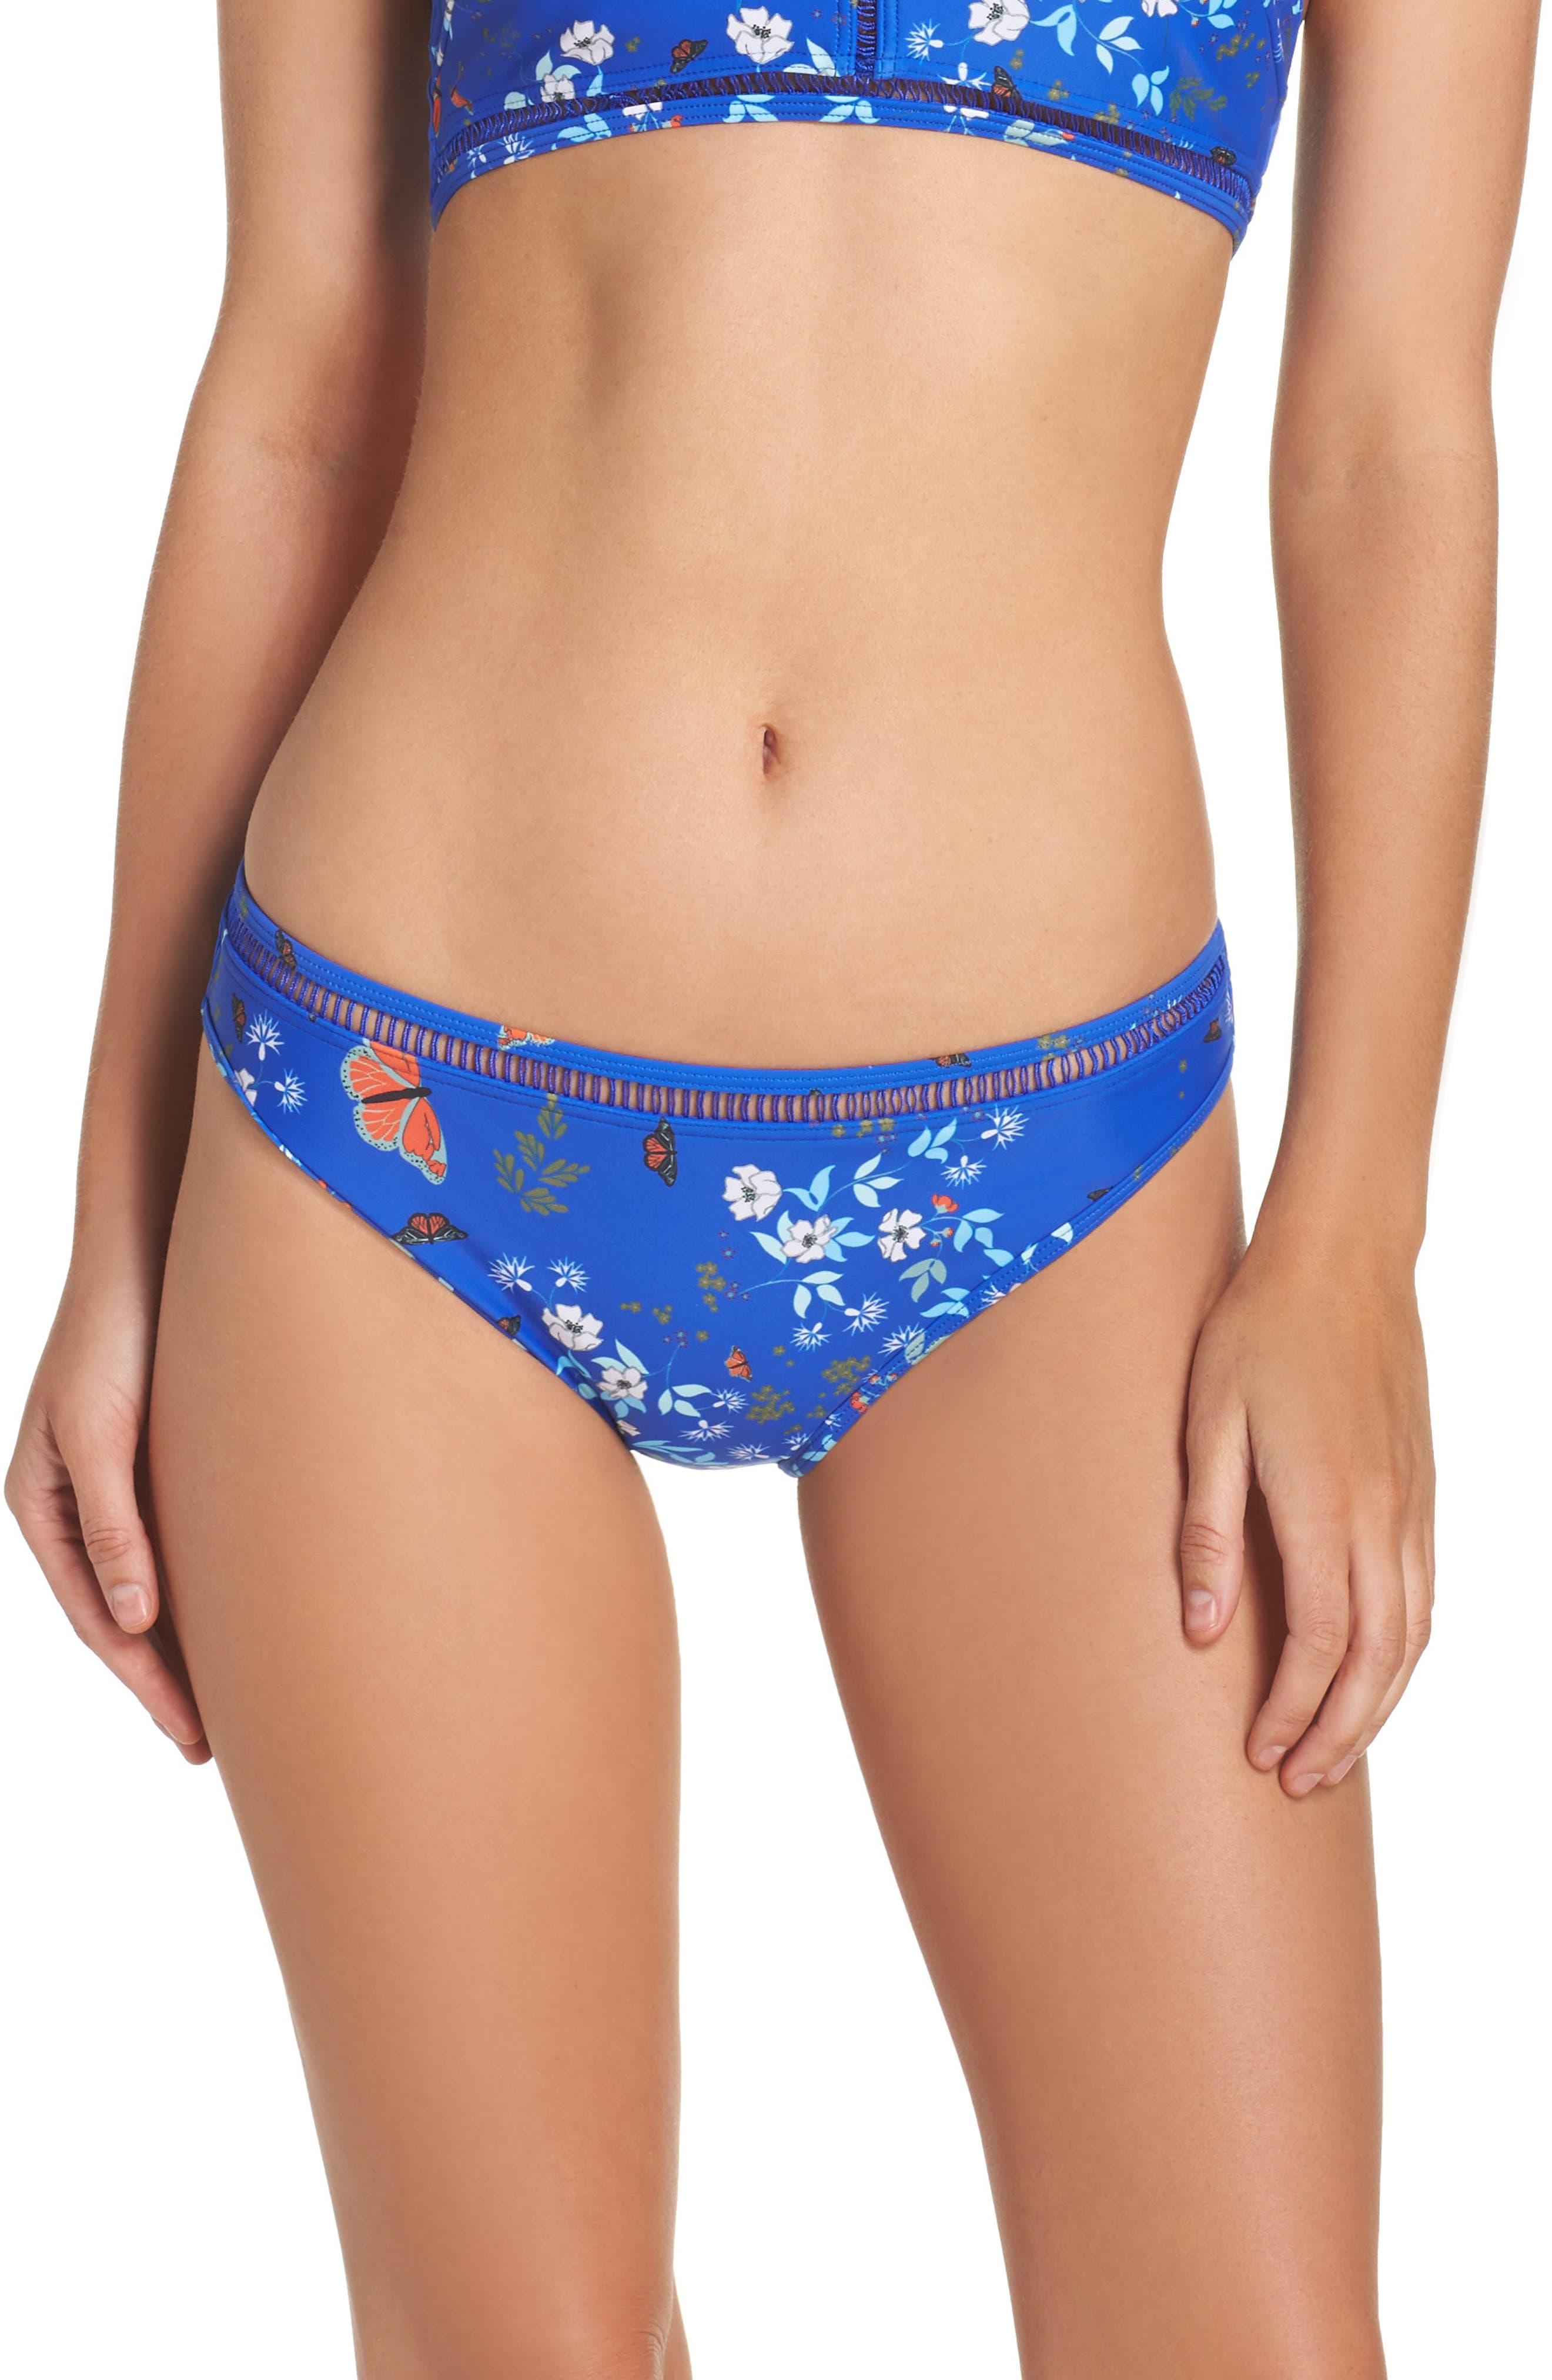 Kyoto Bikini Bottoms,                         Main,                         color, Bright Blue